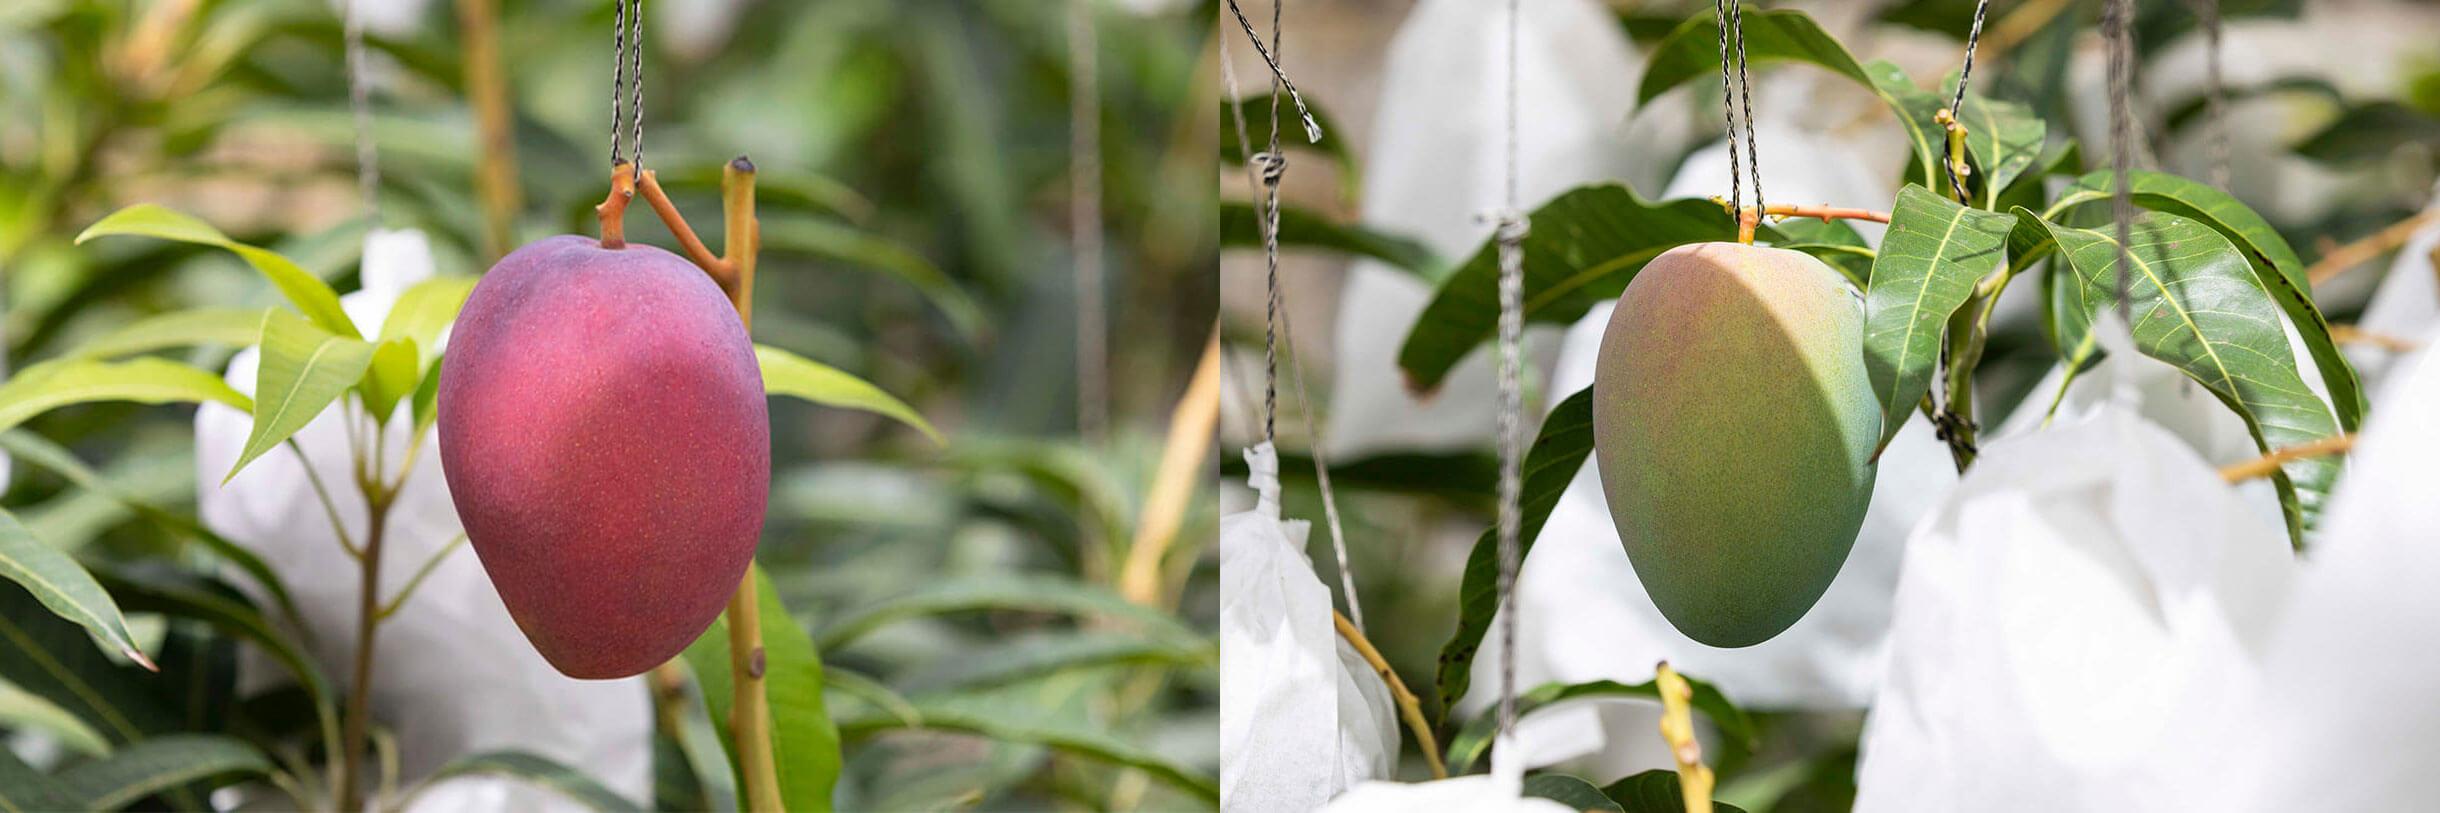 マンゴーの二種の比較写真